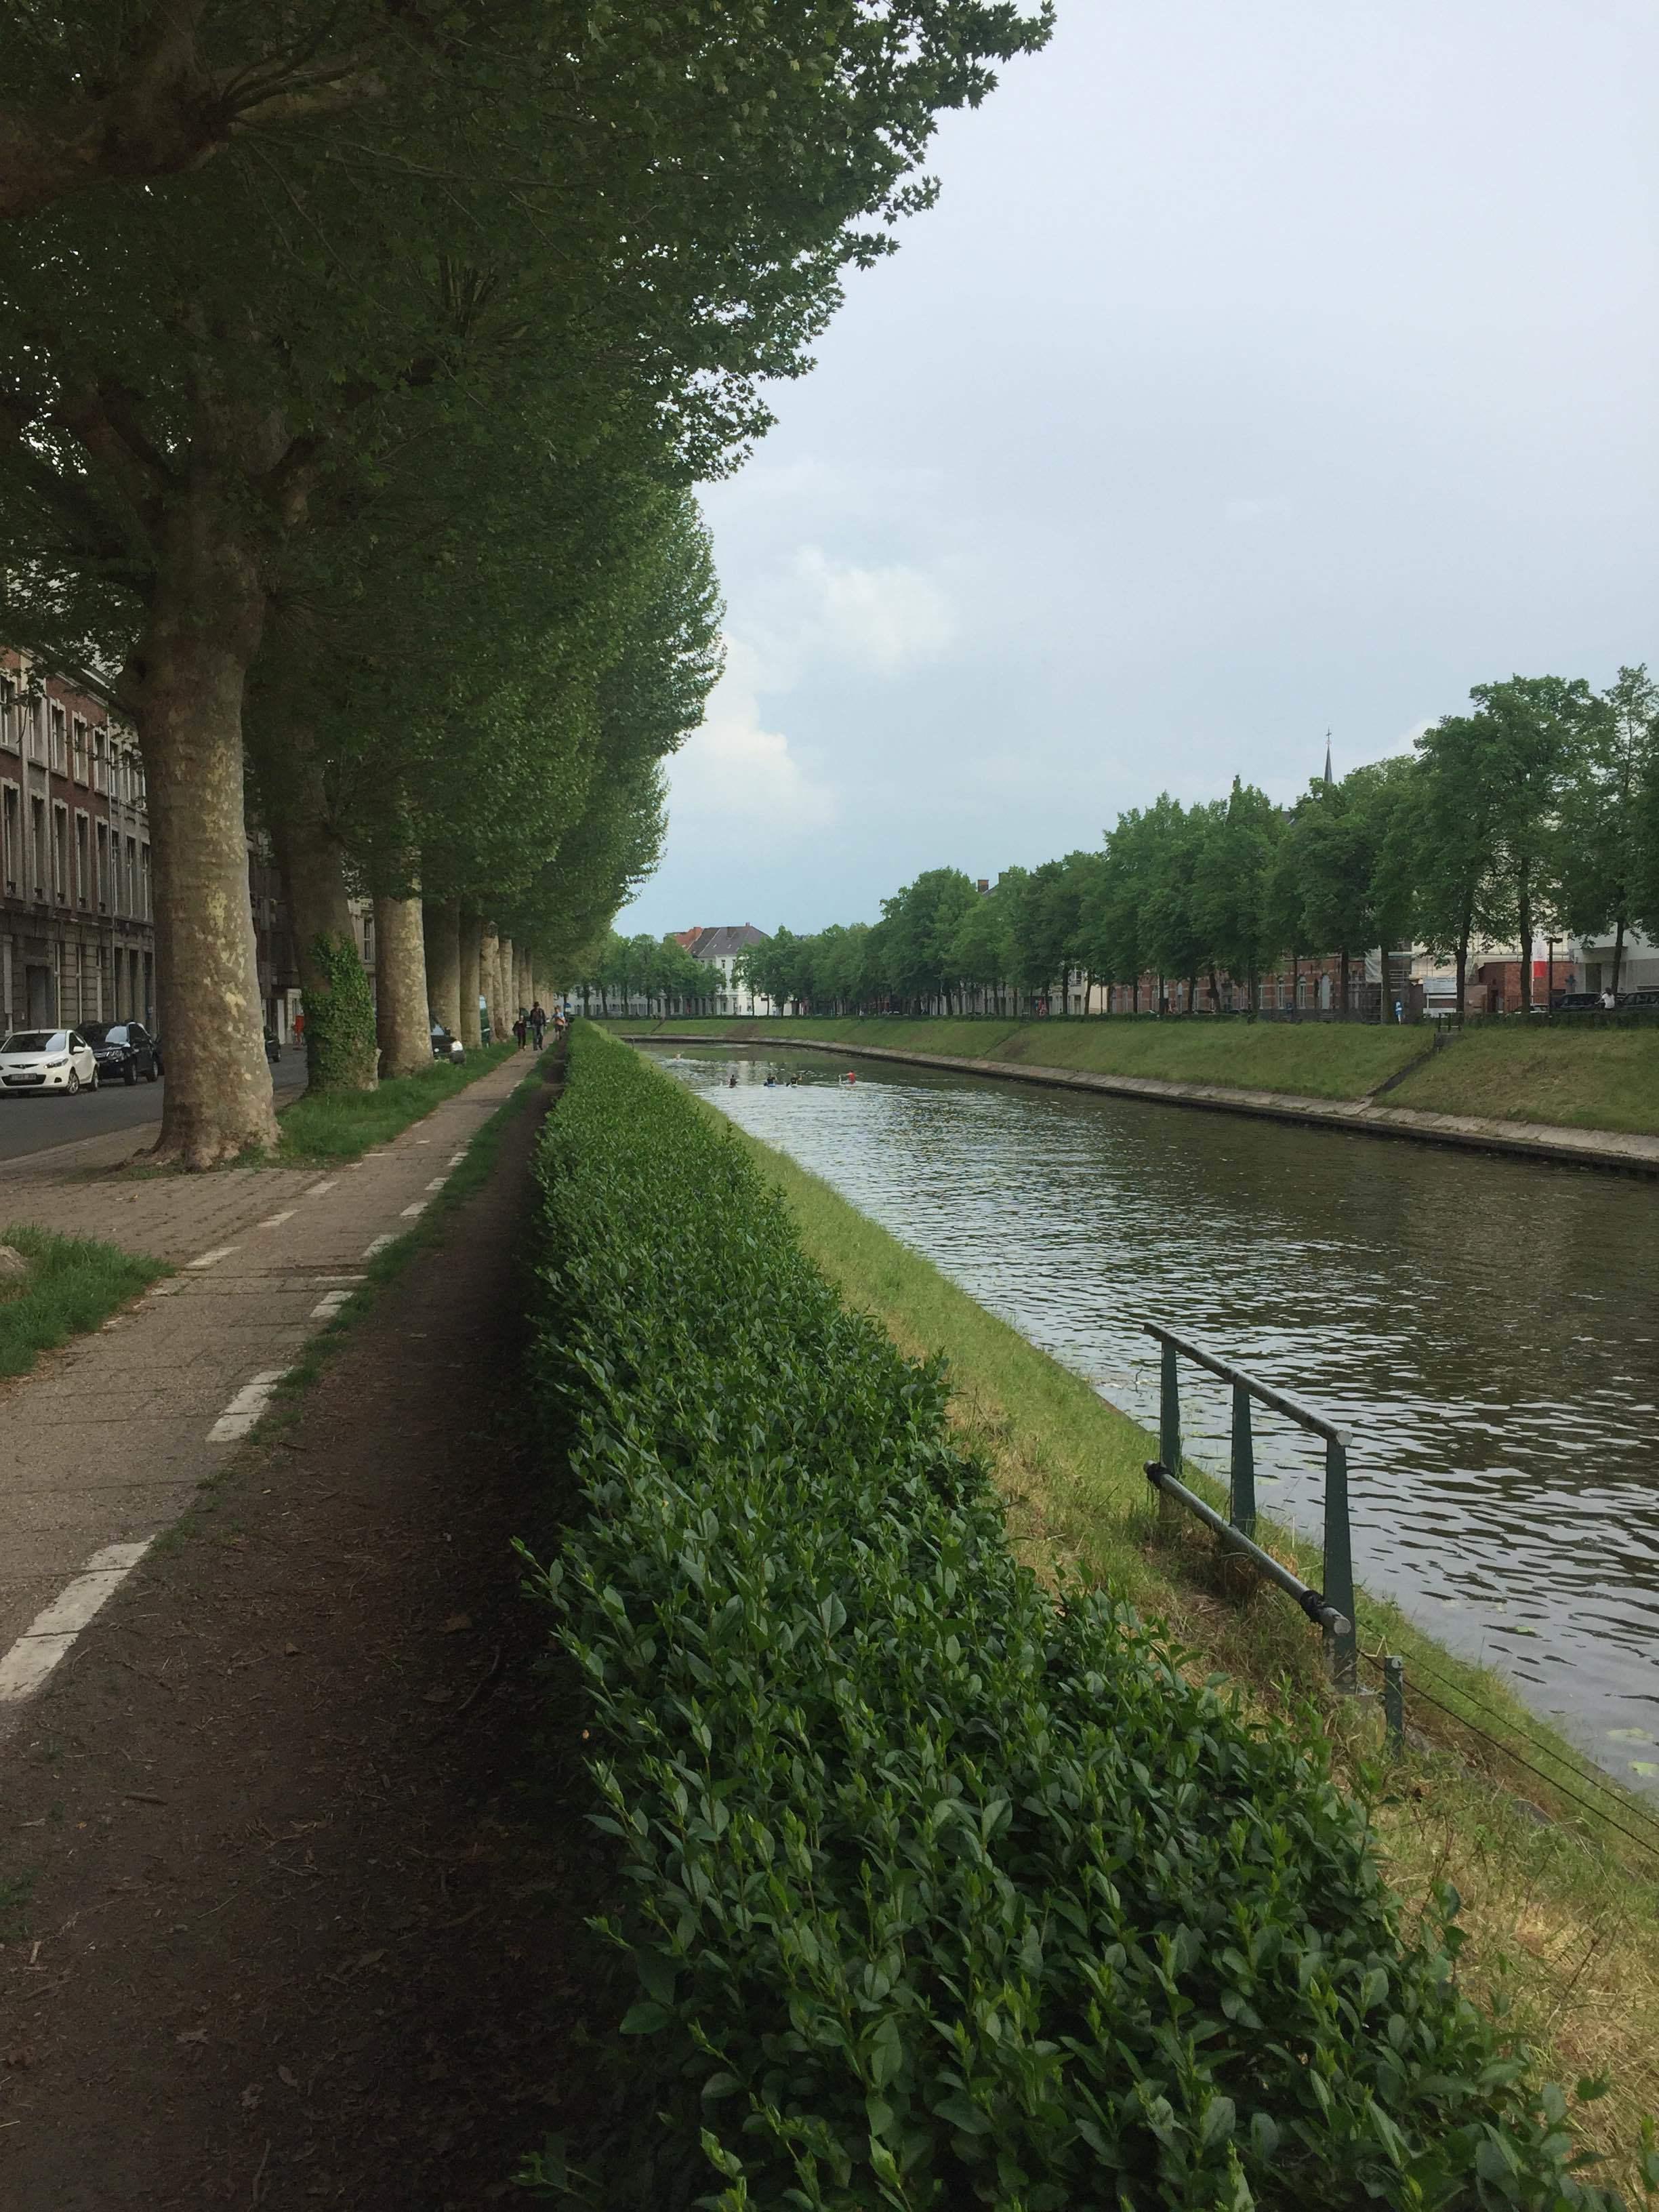 #tourrun in Ghent, Belgium